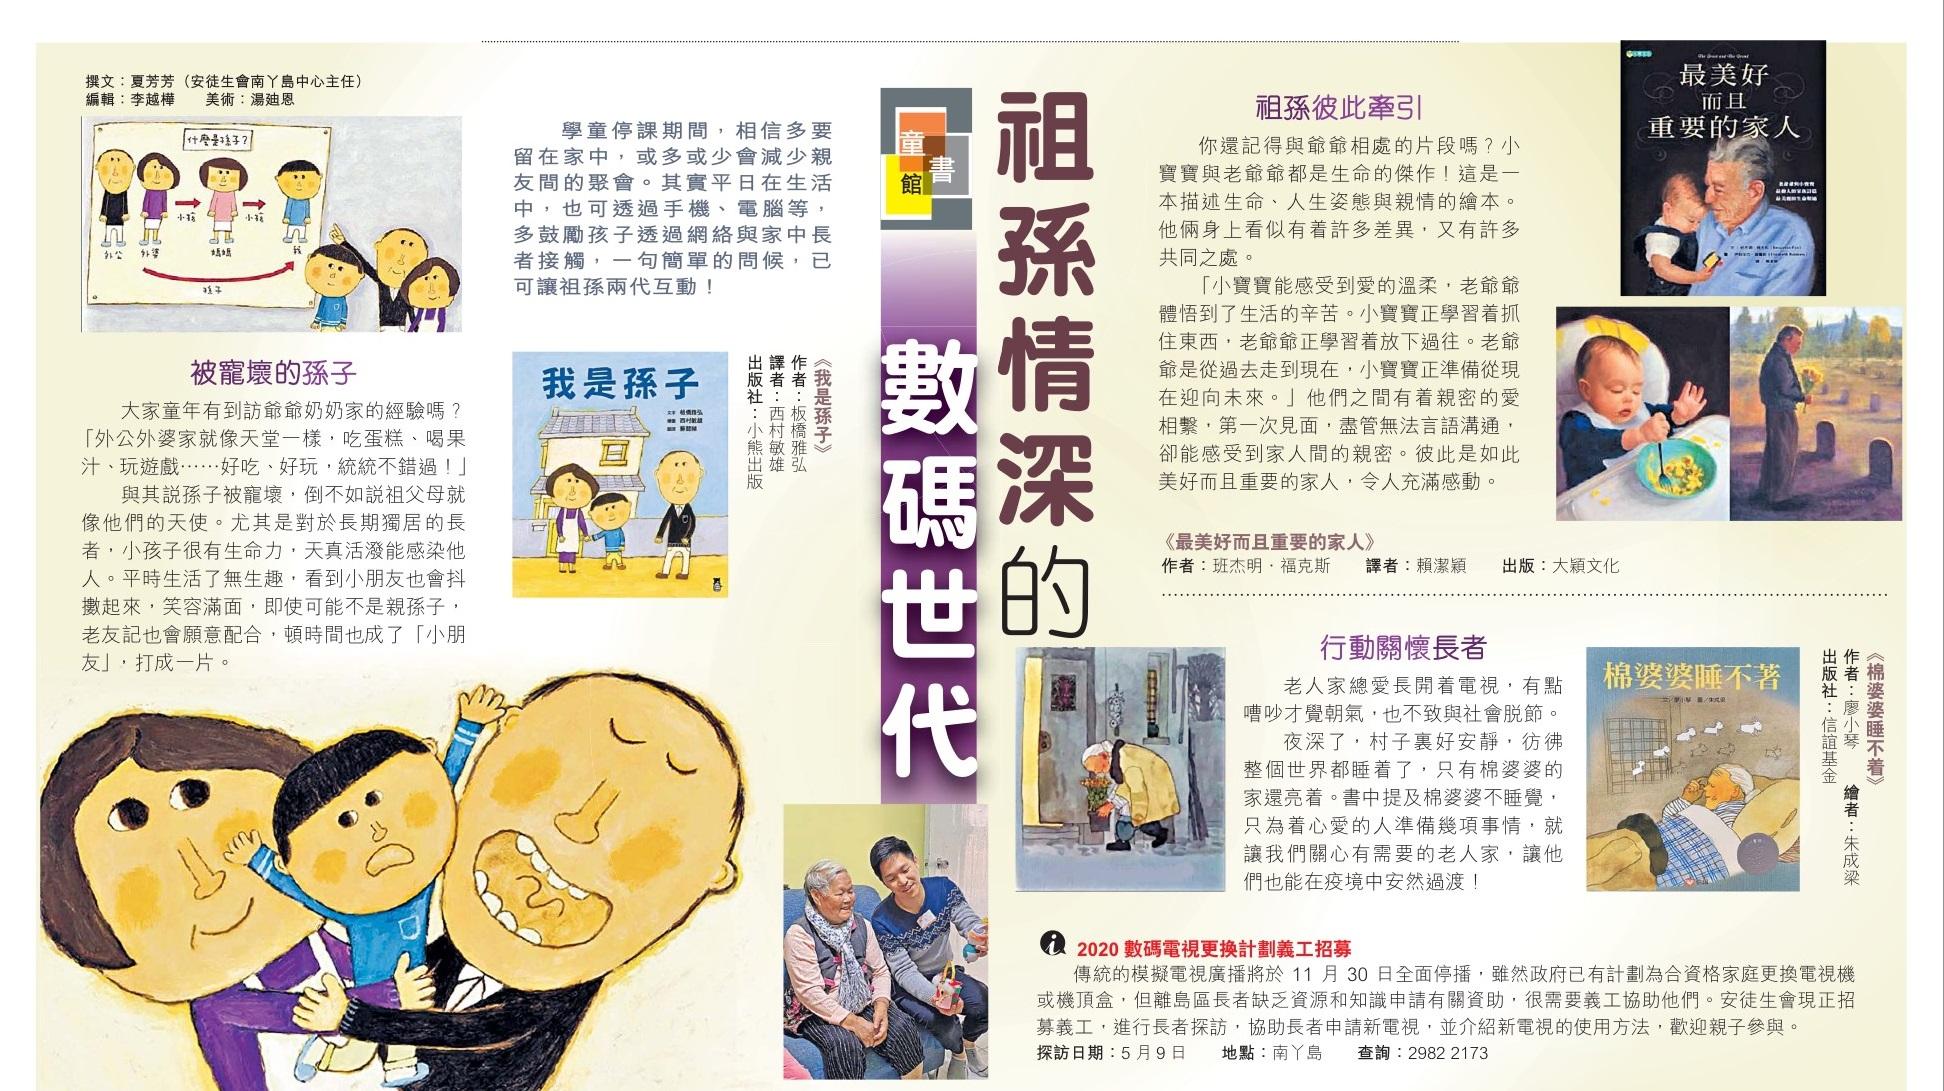 經濟日報:祖孫情深的數碼世代